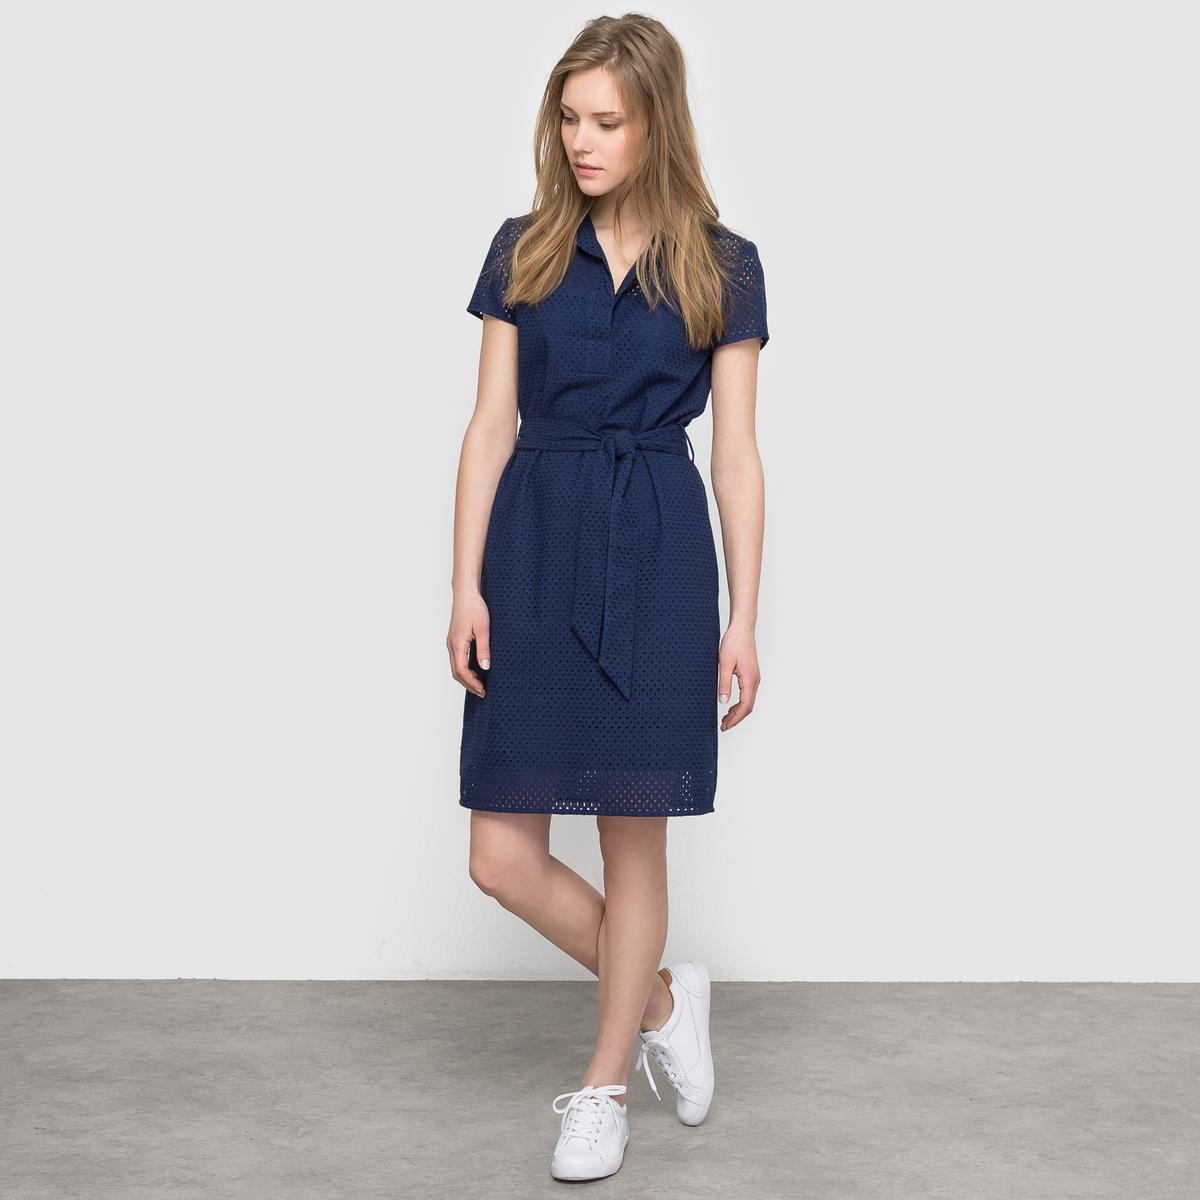 Платье-футляр с английской вышивкойПлатье-футляр с английской вышивкой, короткие рукава. Рубашечный воротник. Пояс завязывается, со шлевками. Застежка на пуговицы в тон. Длина 95 см.                                                                               Состав и описание                                                      Материал: 100% хлопка                                                      Подкладка: 100% хлопка                Уход                                                     Машинная стирка: при 40°С                                                                                      Гладить: с изнаночной стороны<br><br>Цвет: синий морской,экрю<br>Размер: 46 (FR) - 52 (RUS).46 (FR) - 52 (RUS)